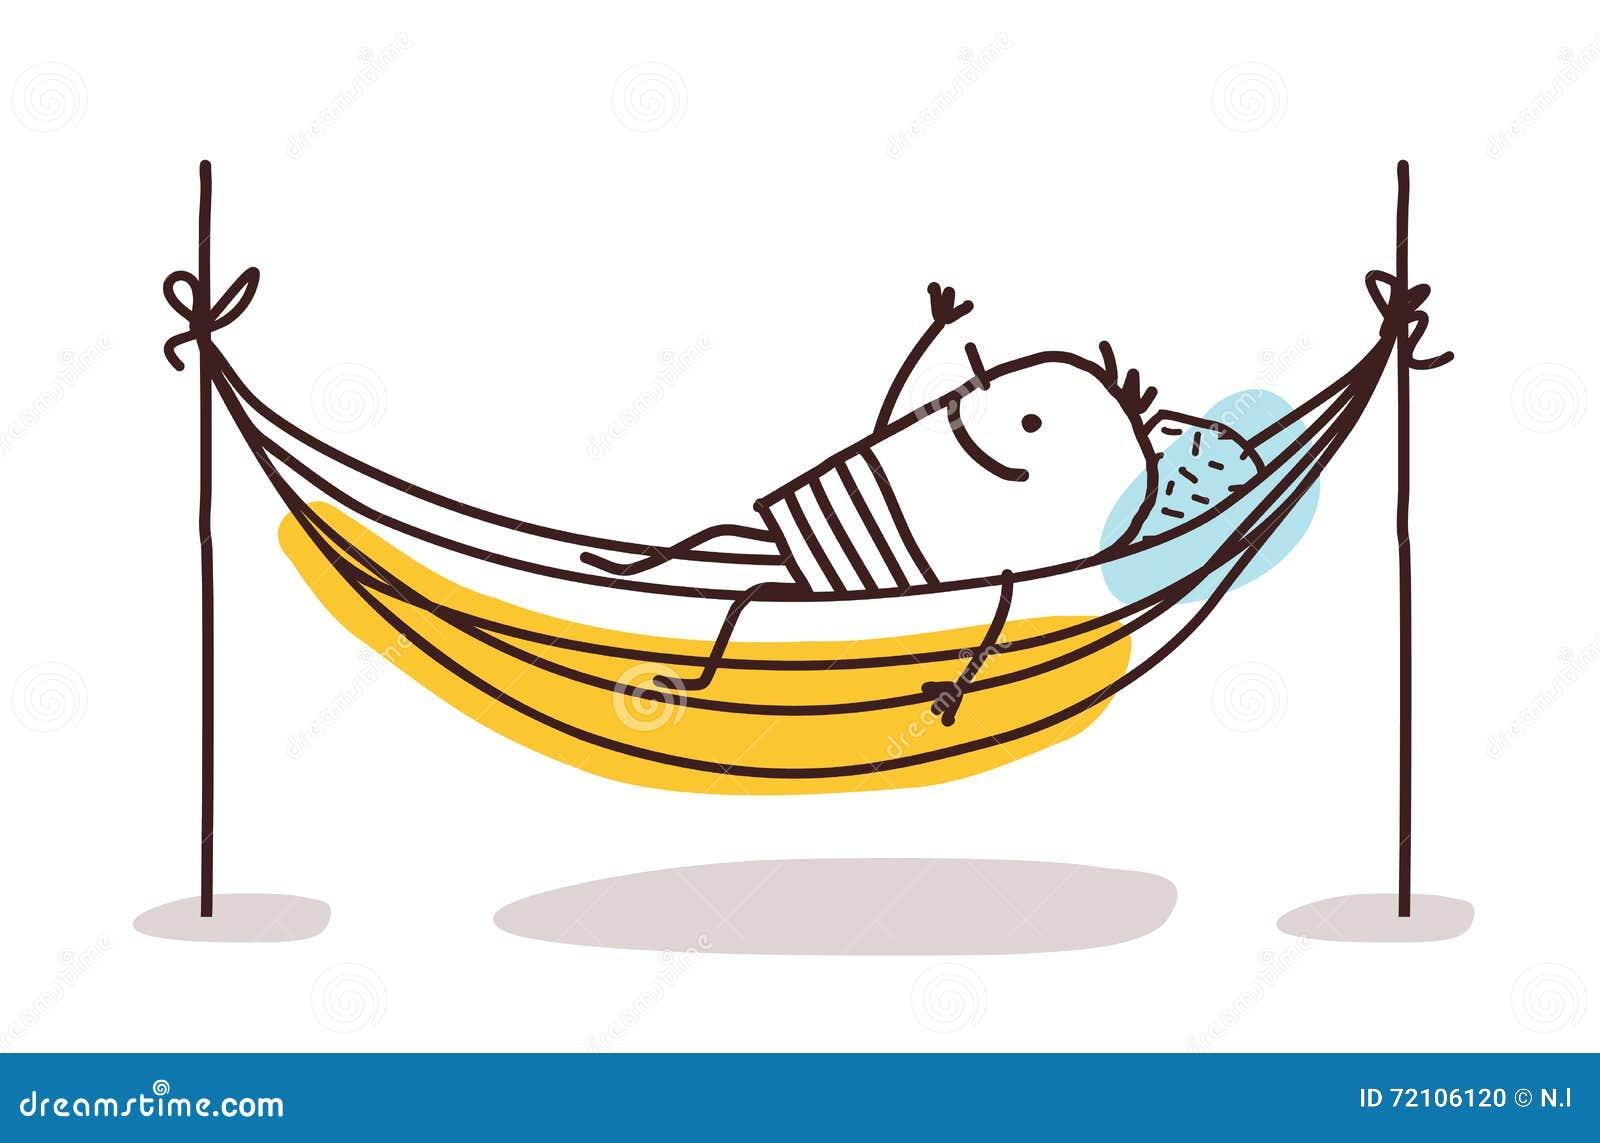 Bildresultat för tecknade vila på kudde